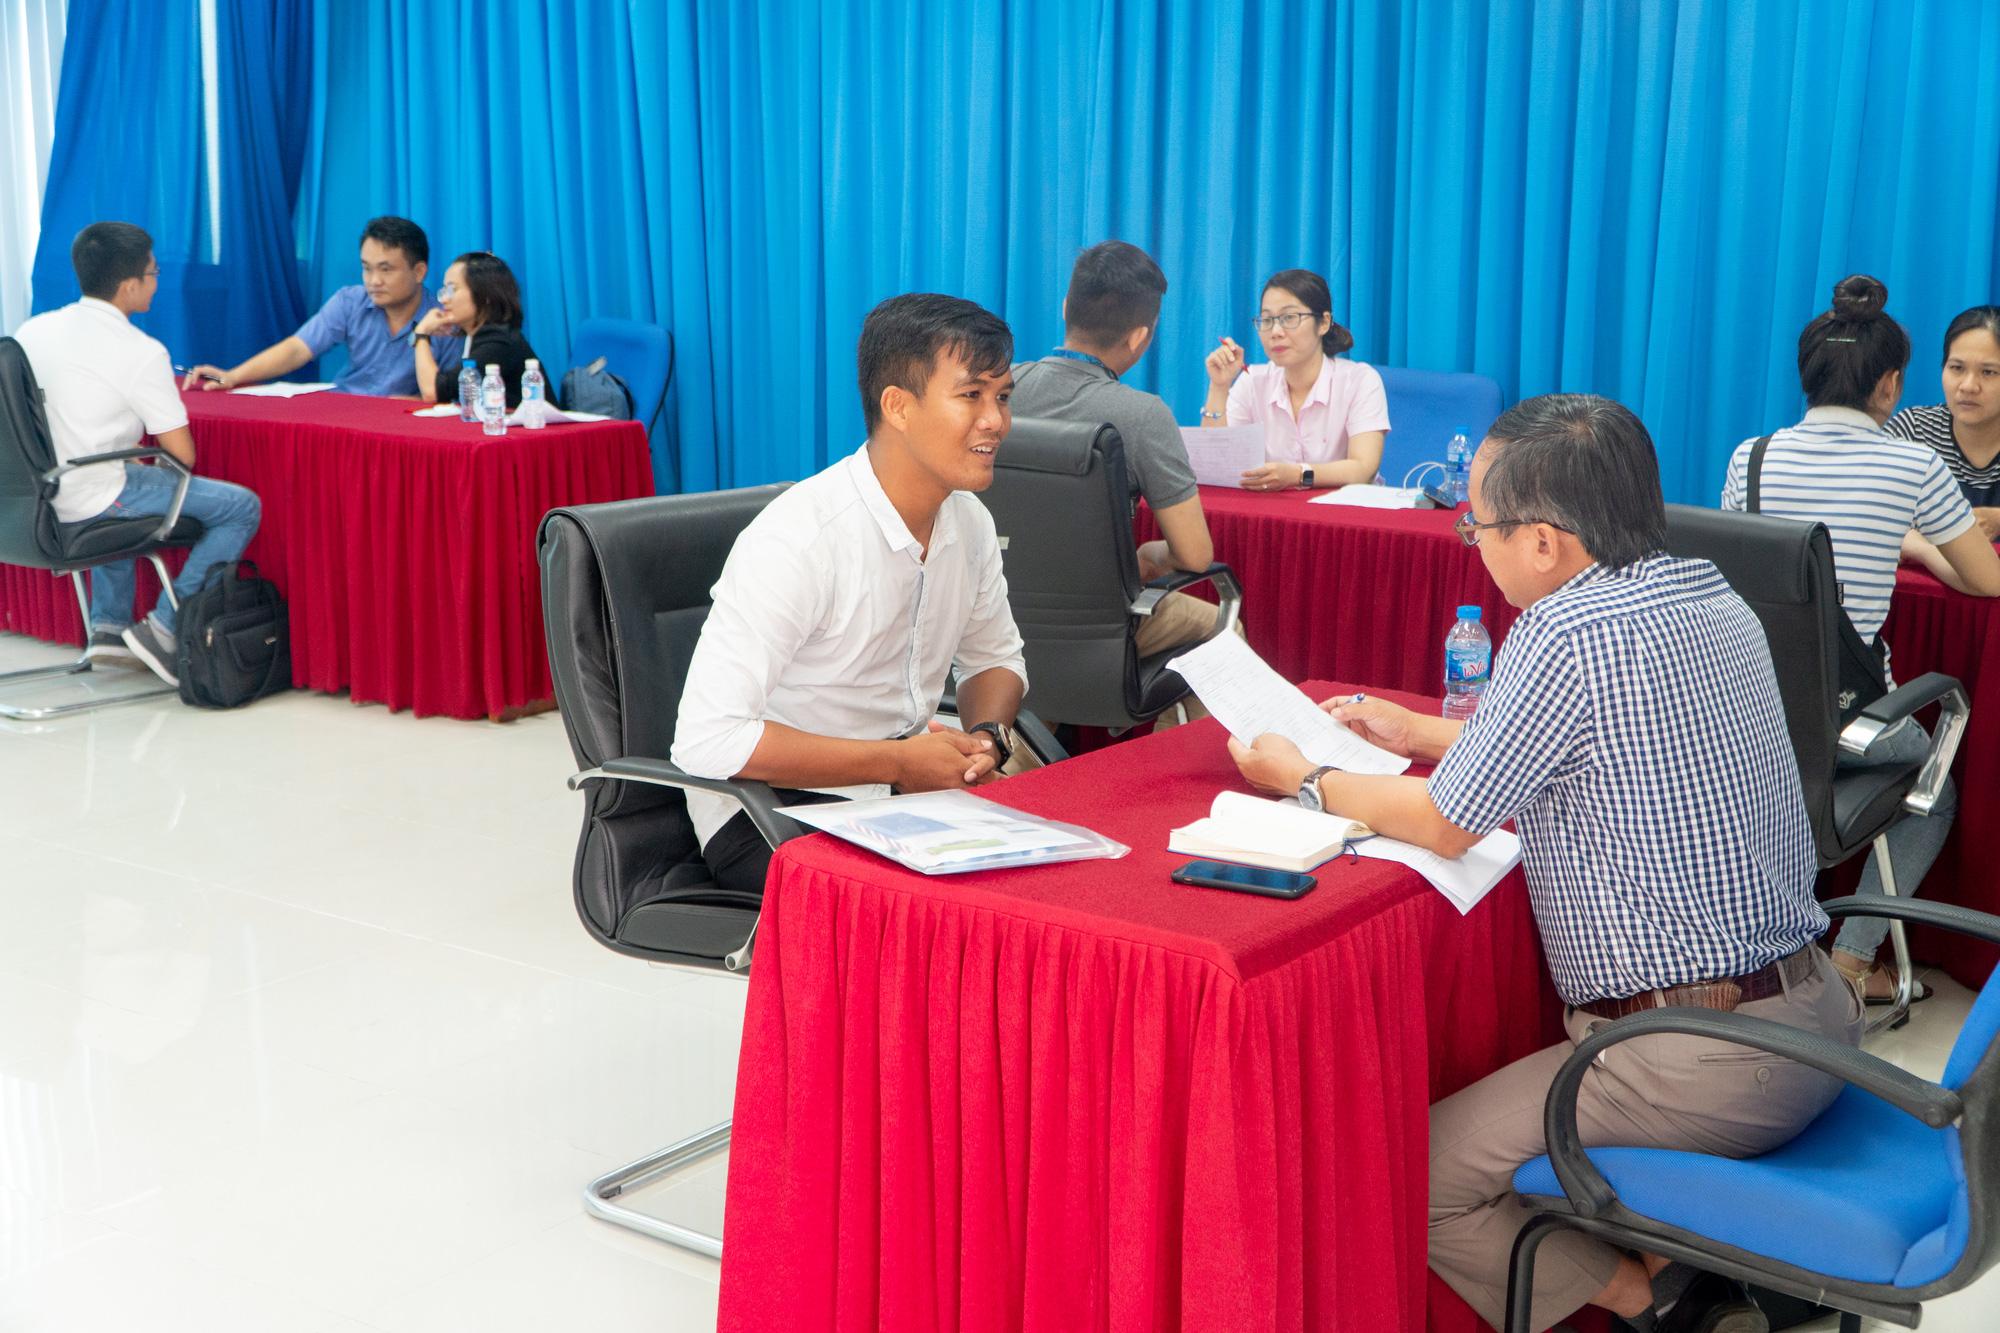 Sắp diễn ra Ngày hội việc làm 2020 tại Trường ĐH Nông Lâm TP.HCM - Ảnh 1.